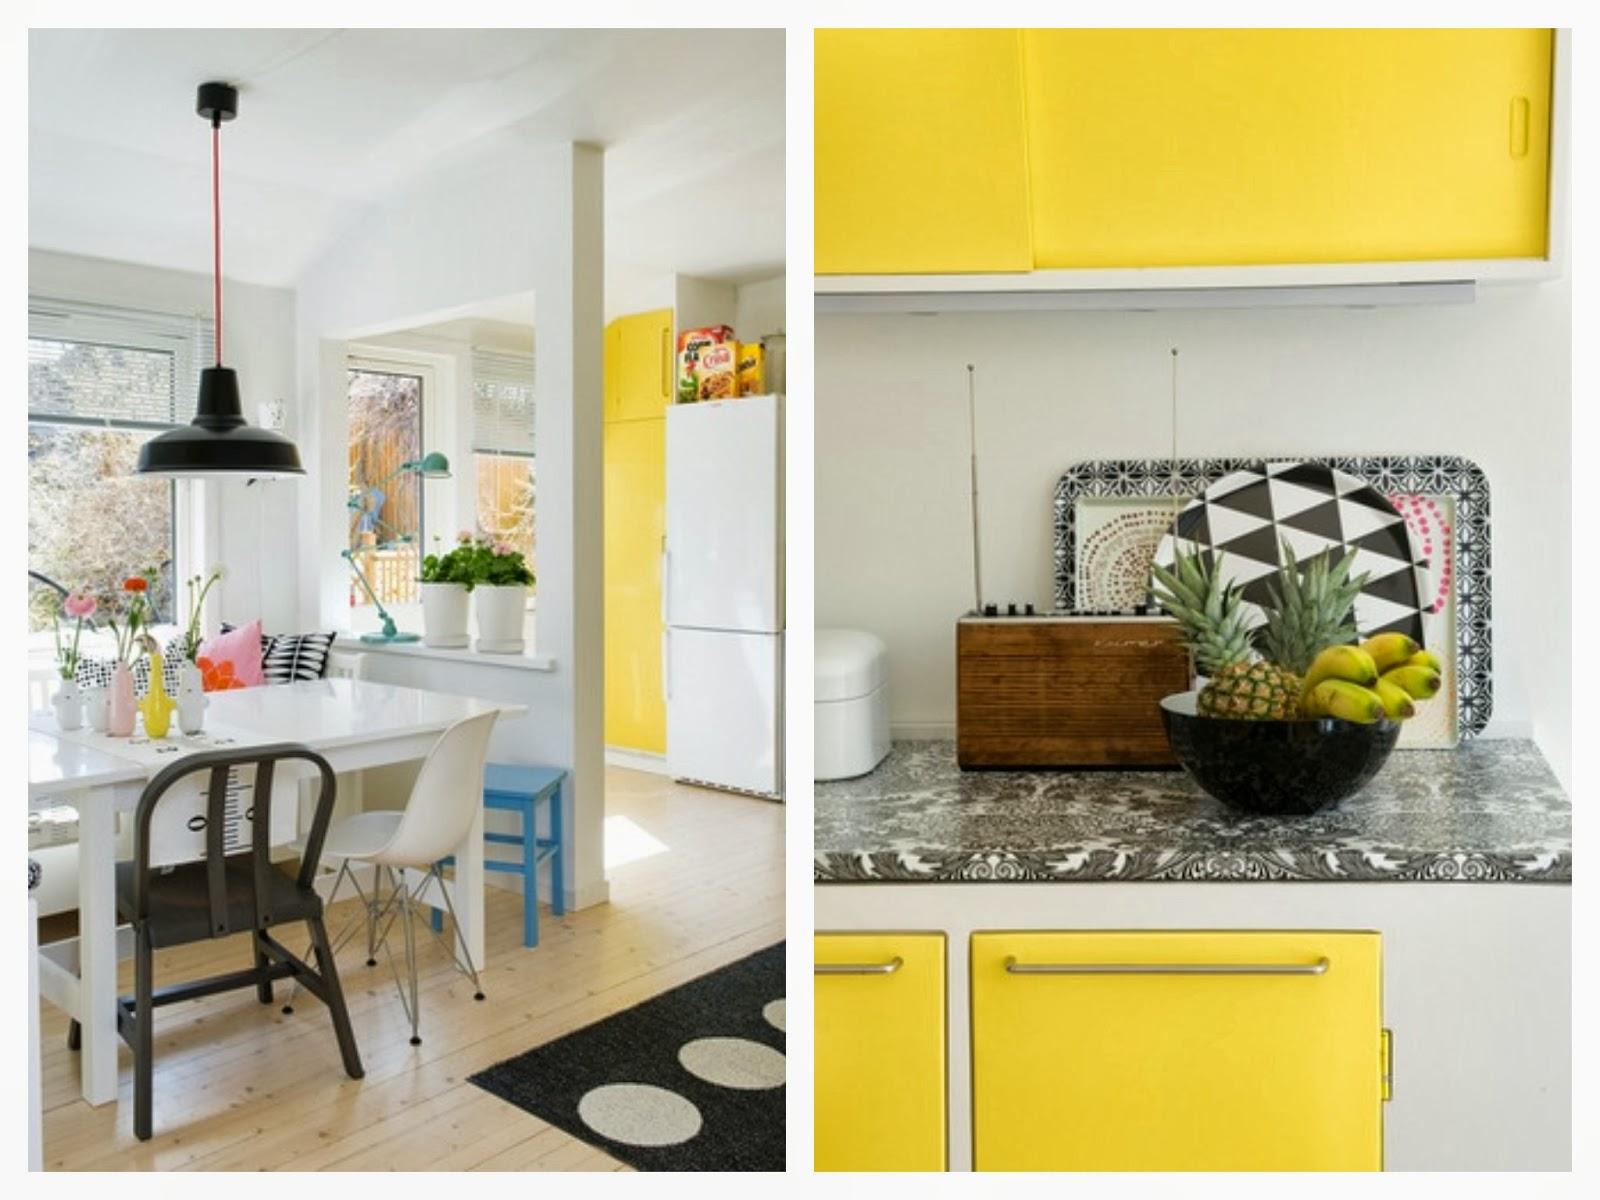 #BA9E11 Olha como ficou lindoo lustre preto que aliais combina com o amarelo  1600x1200 px Balcao De Cozinha Americana Amarelo #2337 imagens